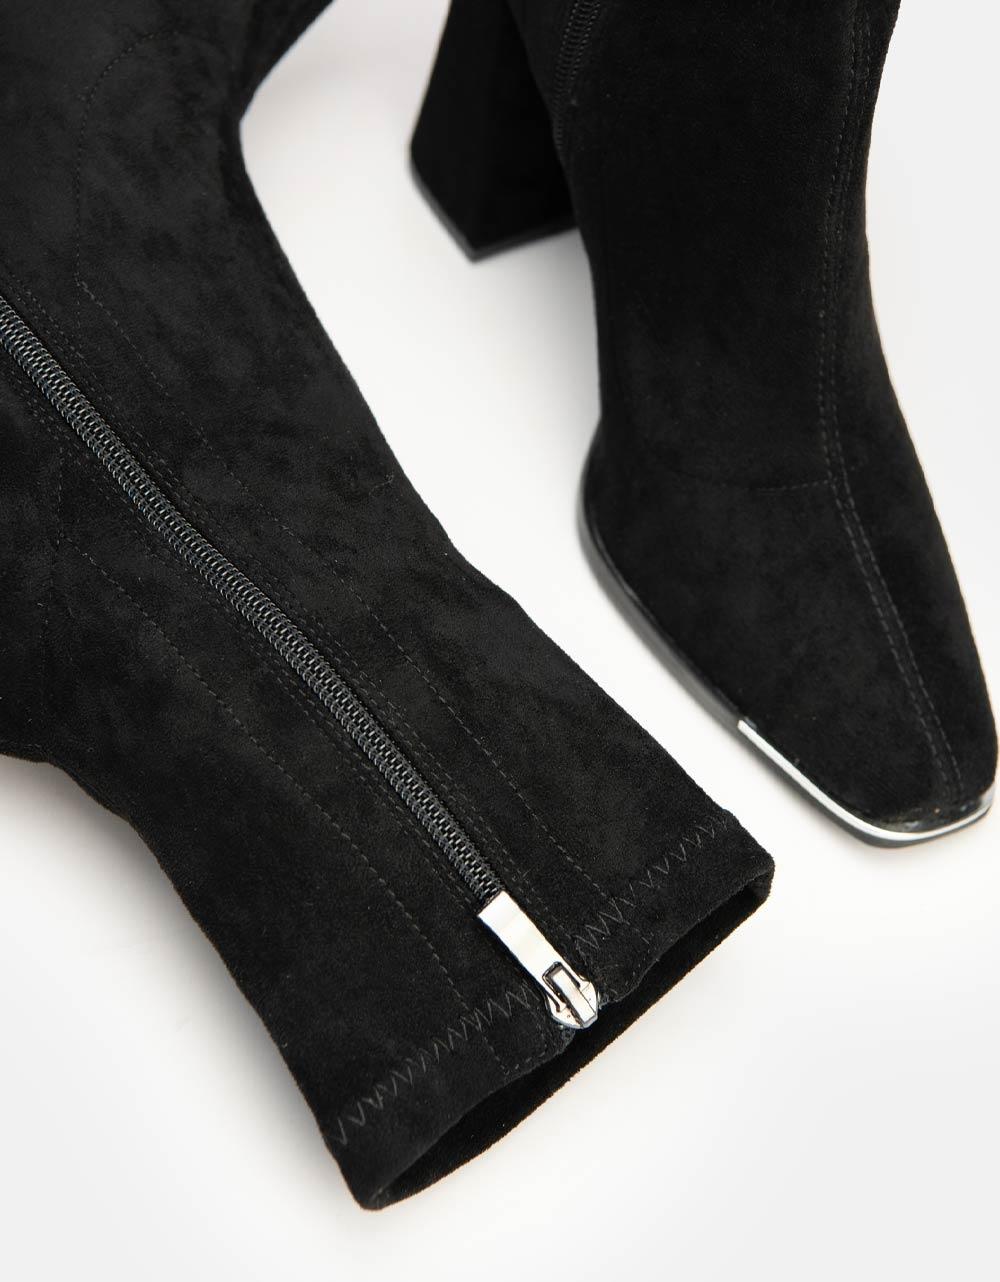 Εικόνα από Γυναικεία μποτάκια μονόχρωμα με μετελλική λεπτομέρεια στο μπροστινό μέρος Μαύρο